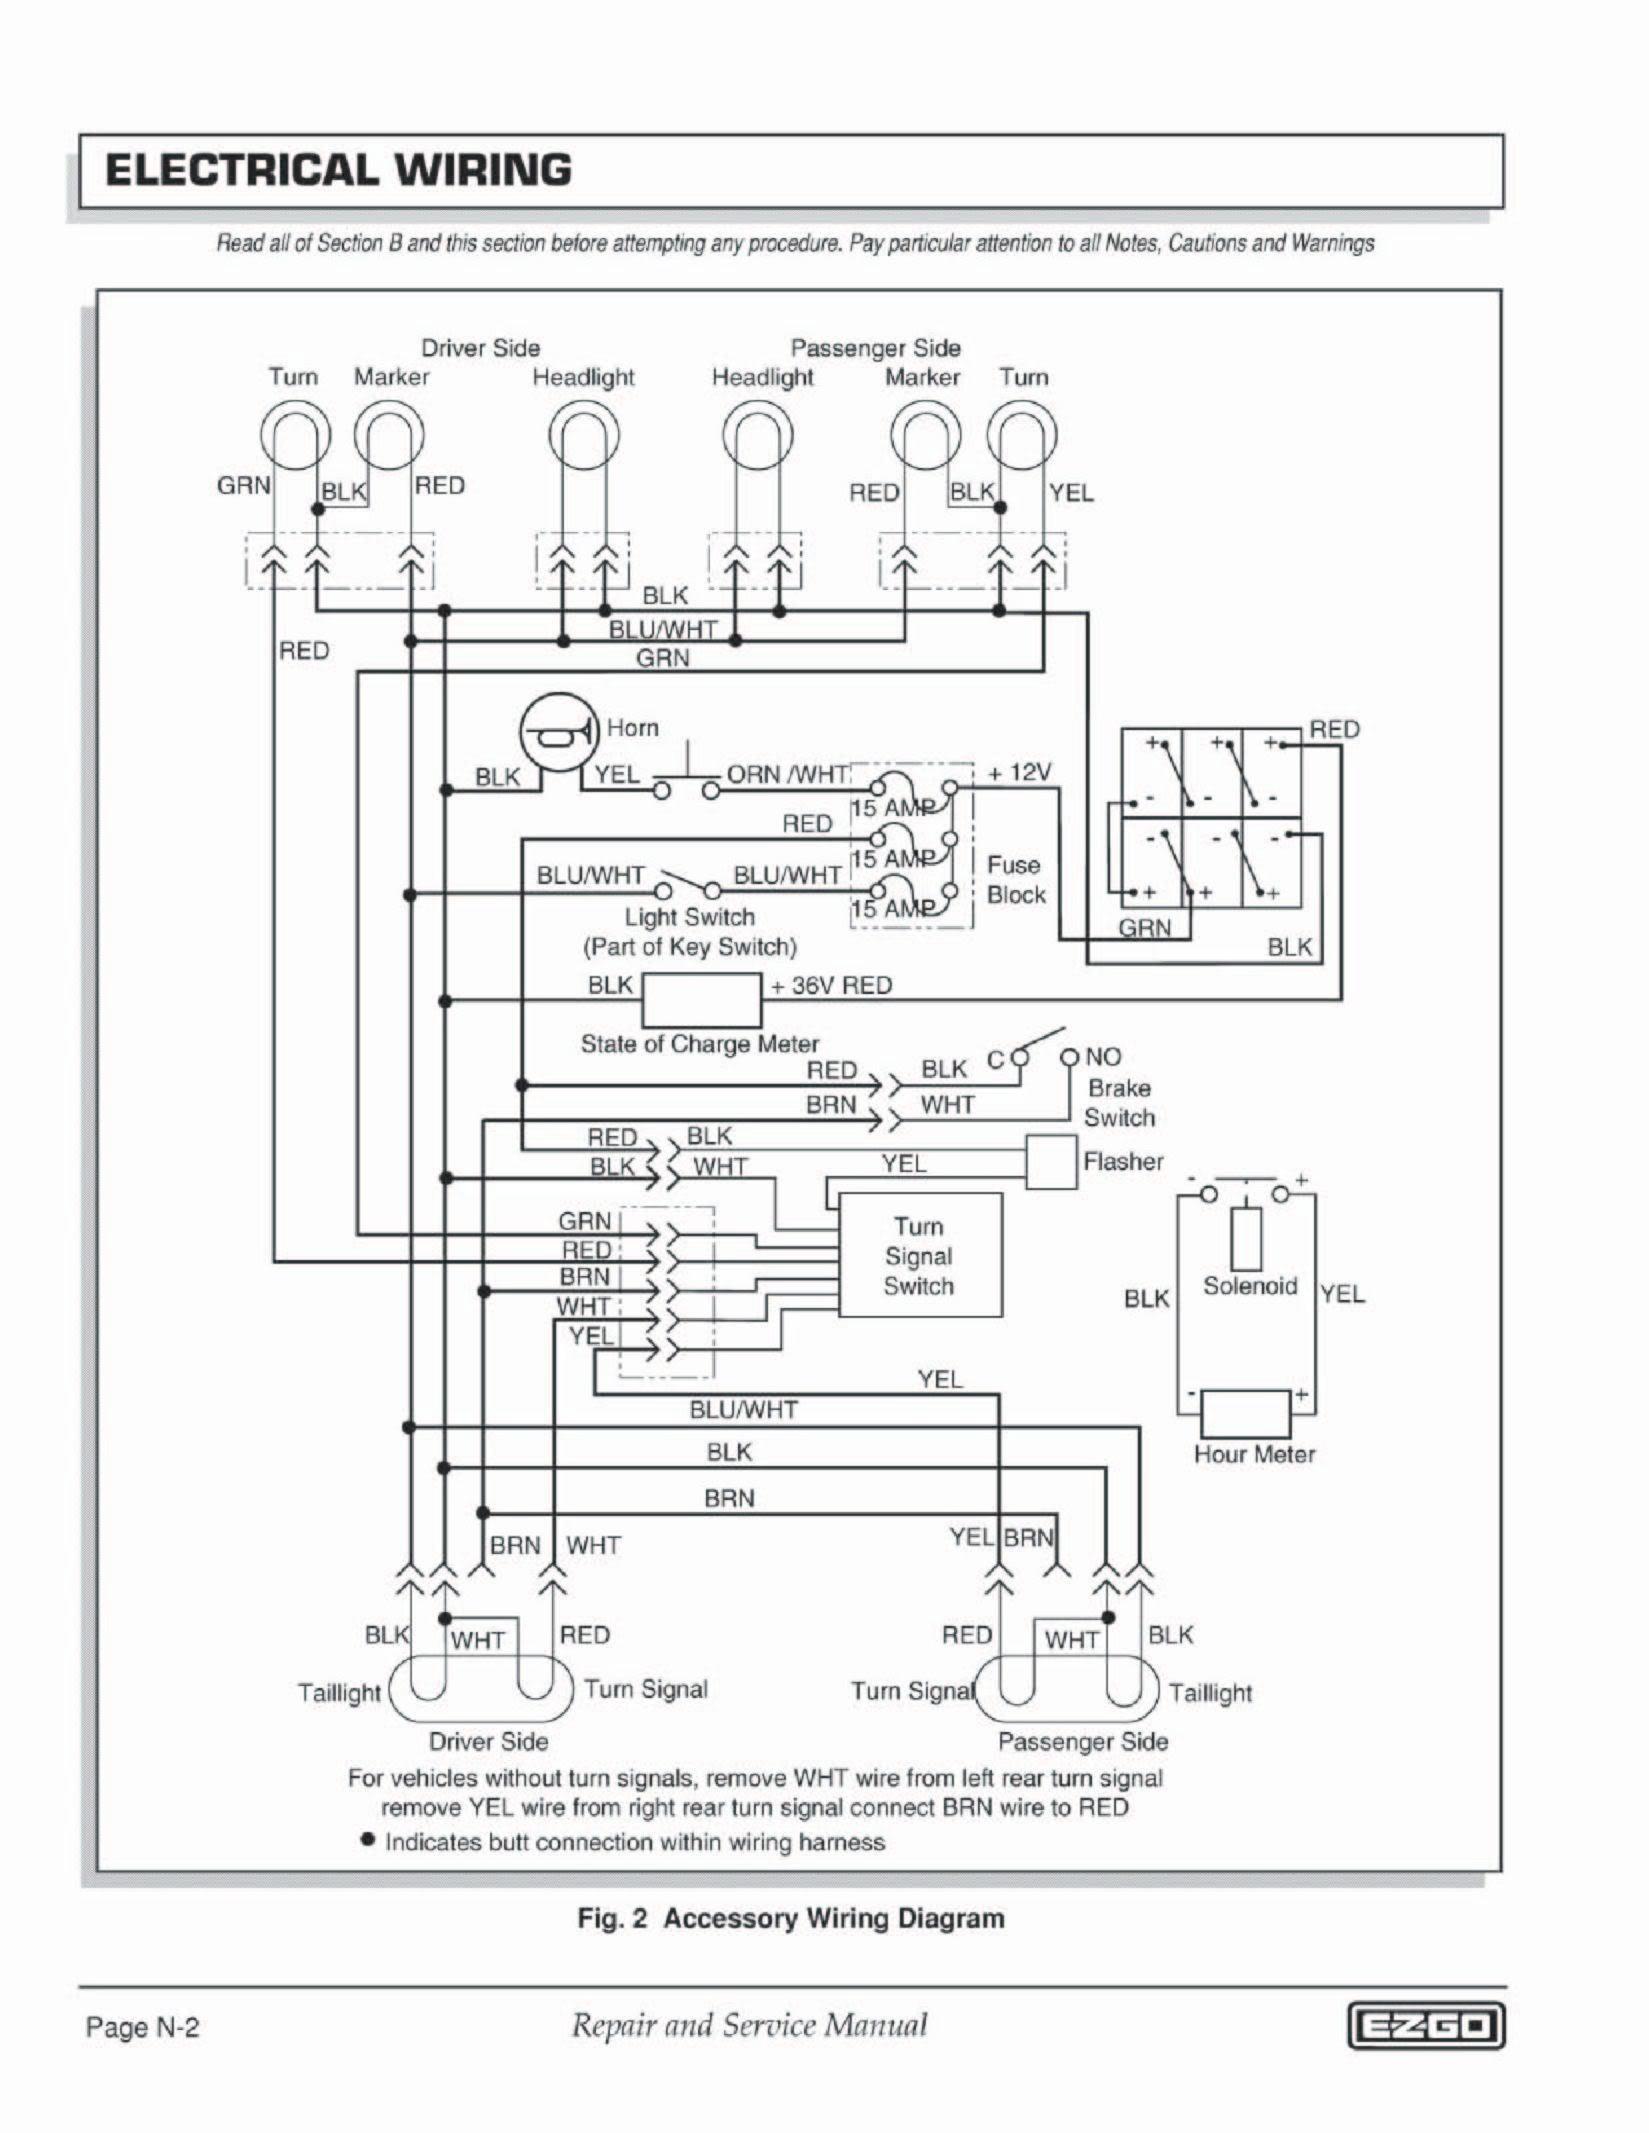 Wiring Diagram for Club Car Electric Golf Cart Fresh Vintage Ezgo Wiring Diagrams Wiring Diagrams